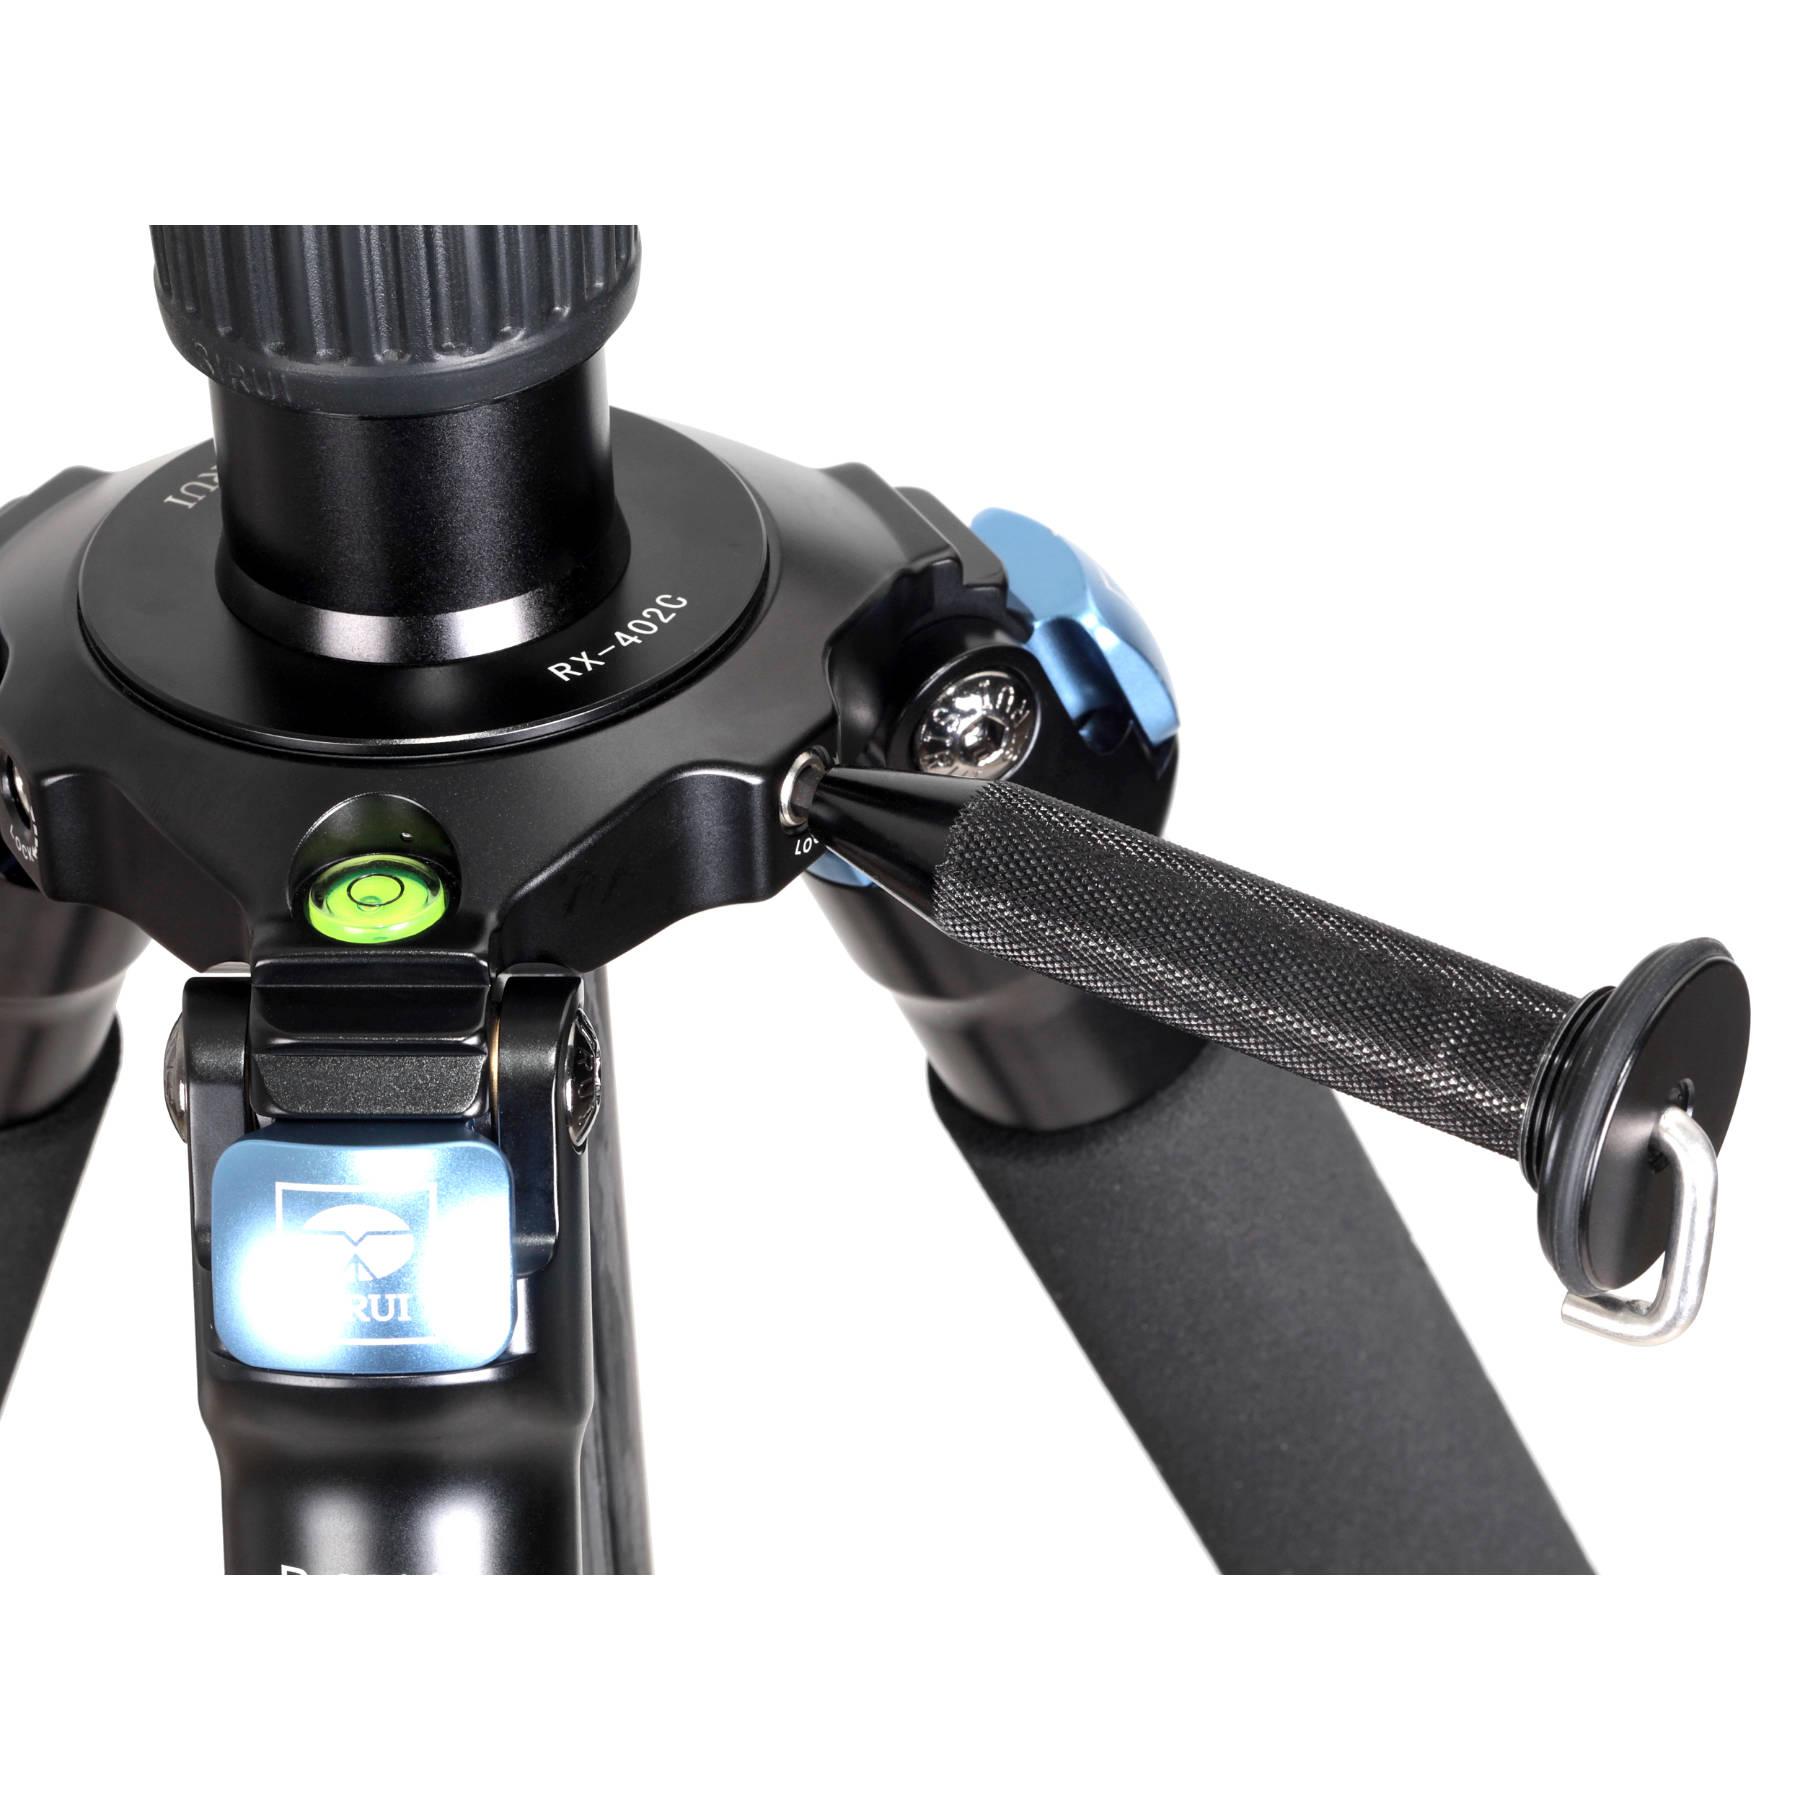 Sirui Pro Tripod R-2214X Carbon Fiber Professional Tripod